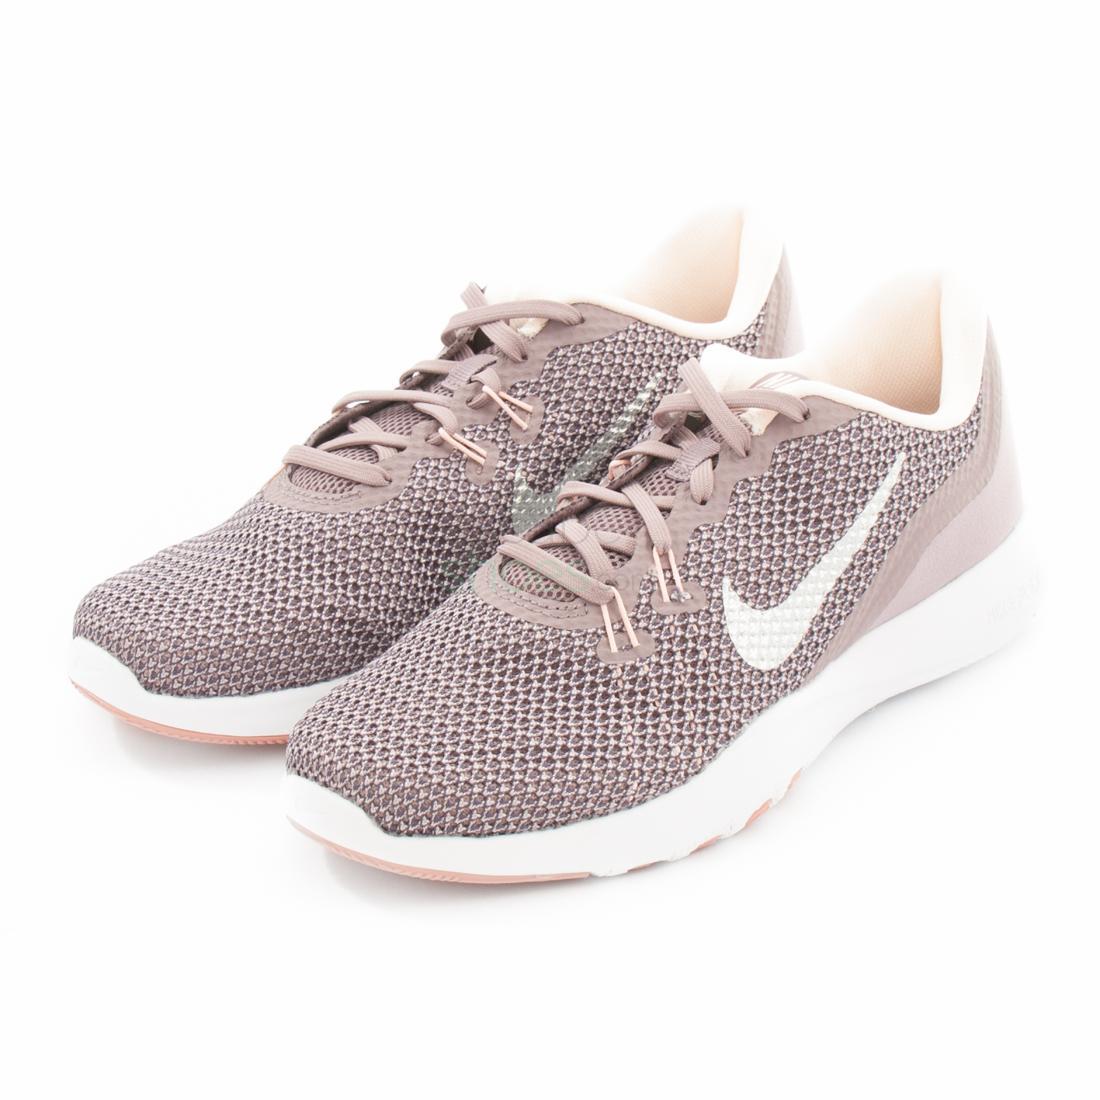 Nike Flex 2 em contato com Tênis Sapatos Femininos Prata